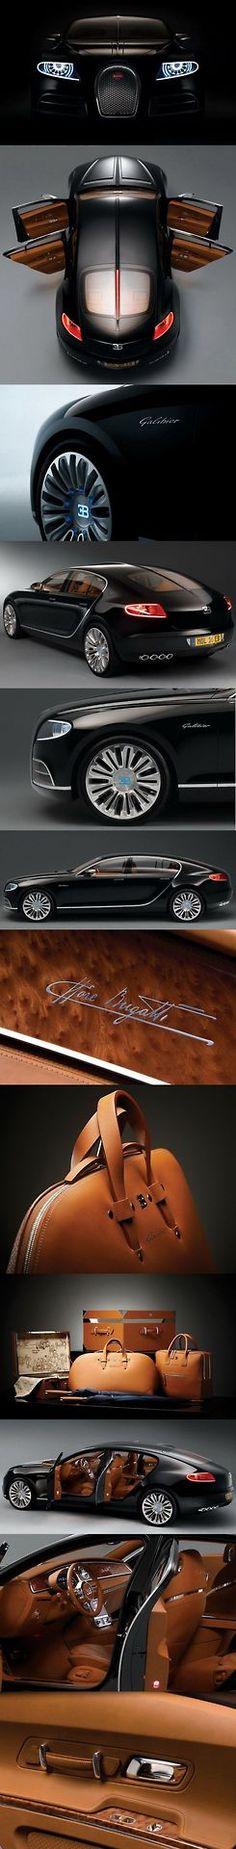 Bugatti Galibier desde todos los angulos